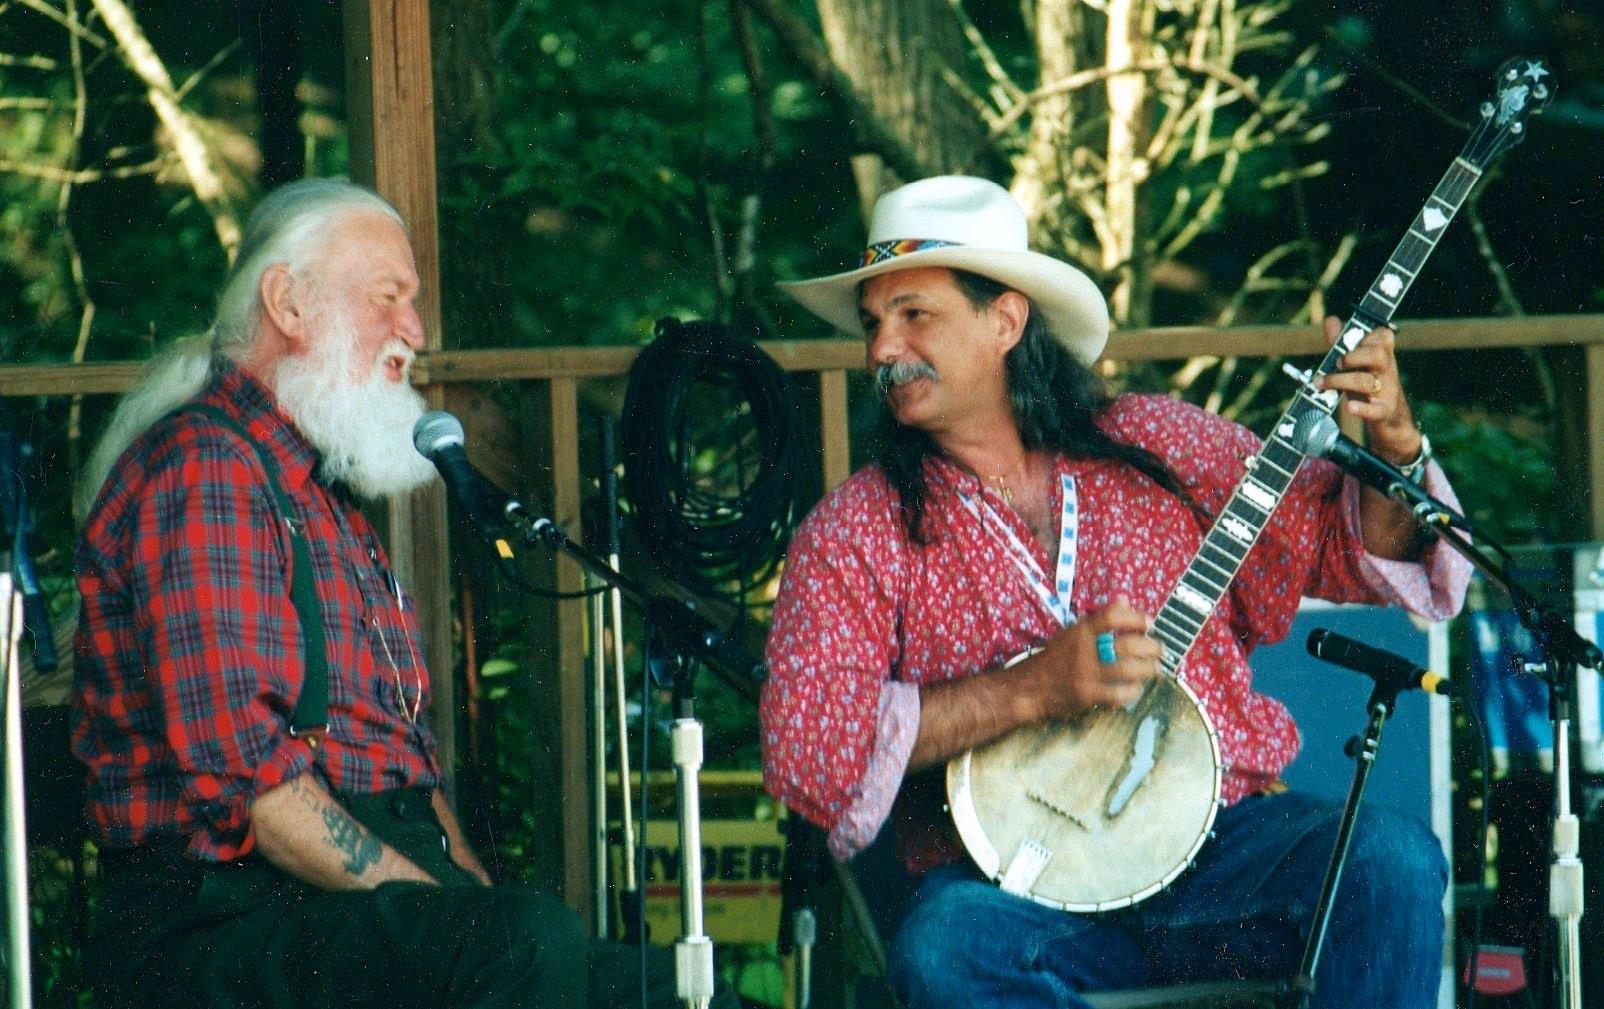 Utah Phillips & Rik performing at Philadelphia Folk Festival